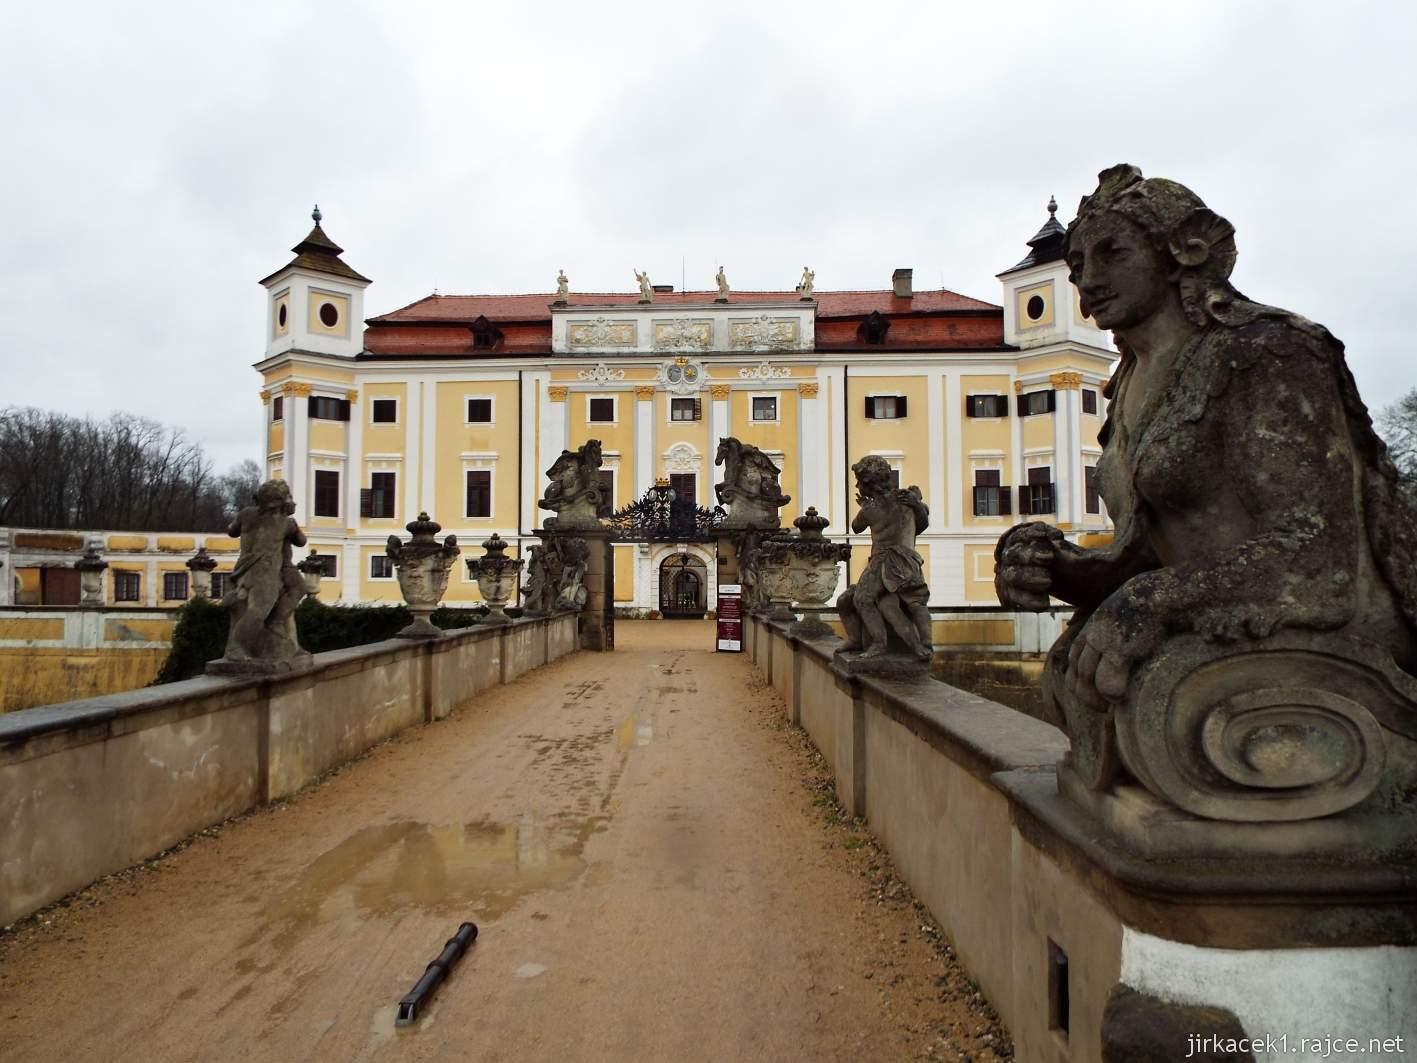 zámek Milotice 94 - kamenný most, vstupní brána a průčelí zámku